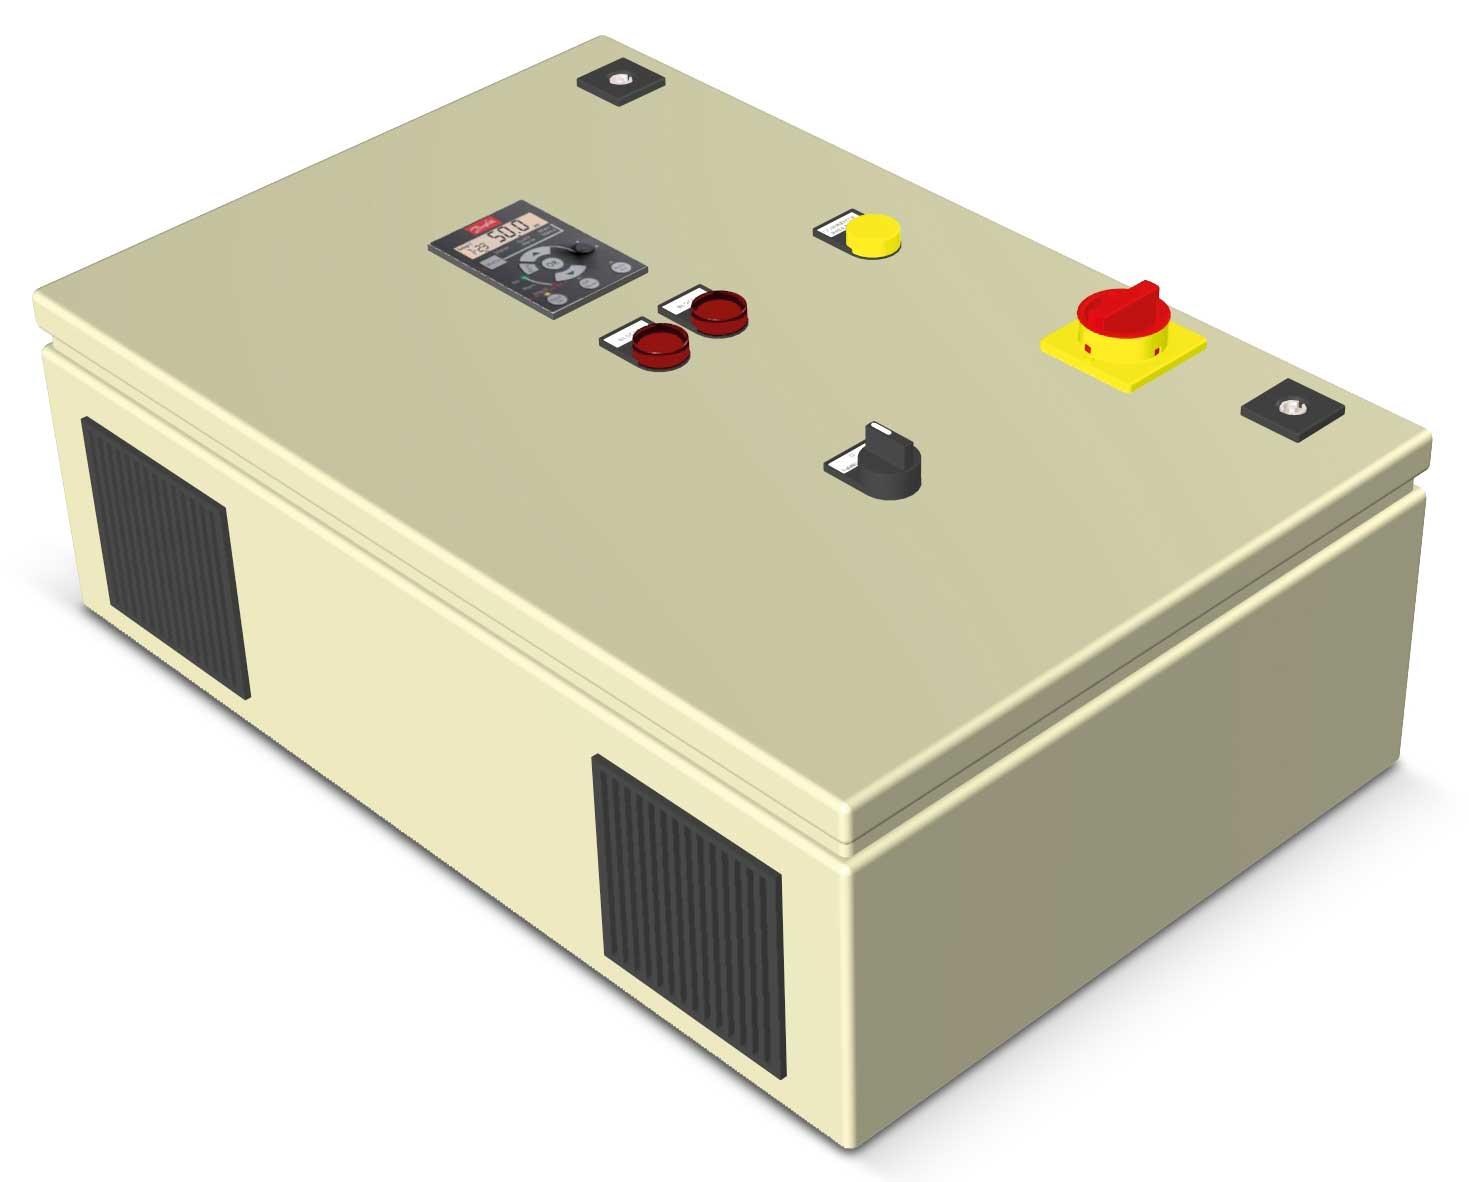 Tablou cu convertizor seria ATI pentru pompe trifazate